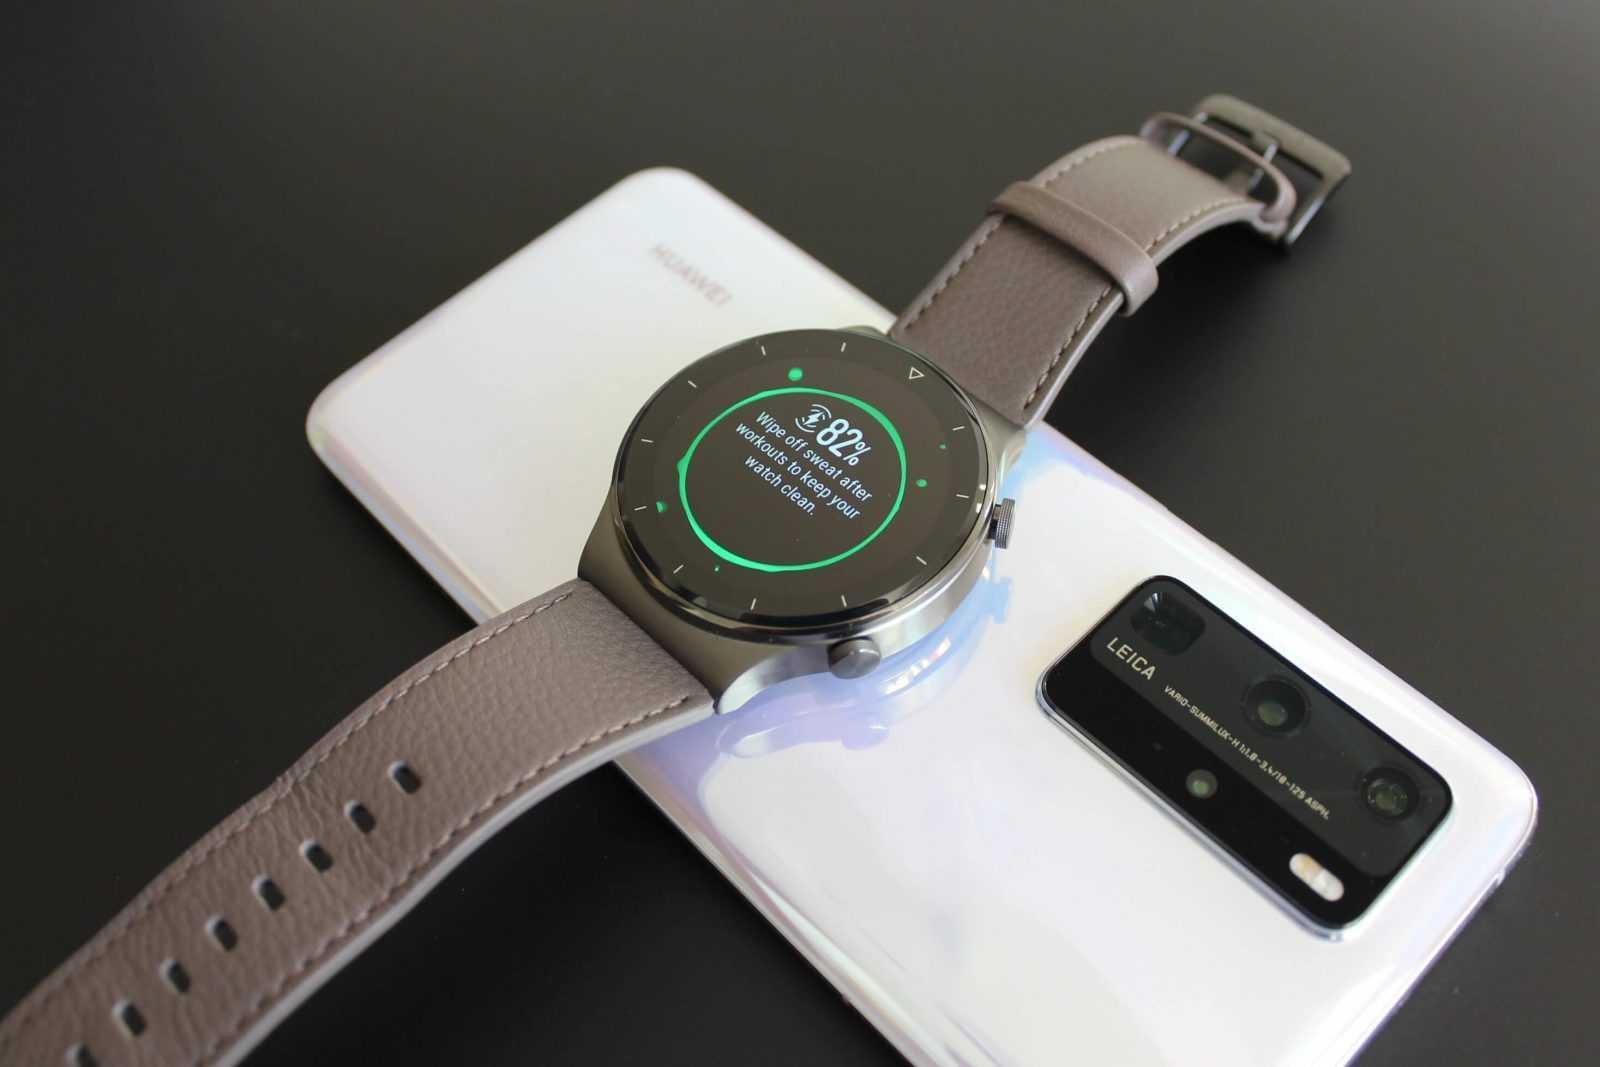 Viedpulksteņa Huawei Watch GT 2 Pro uzlade no telefona